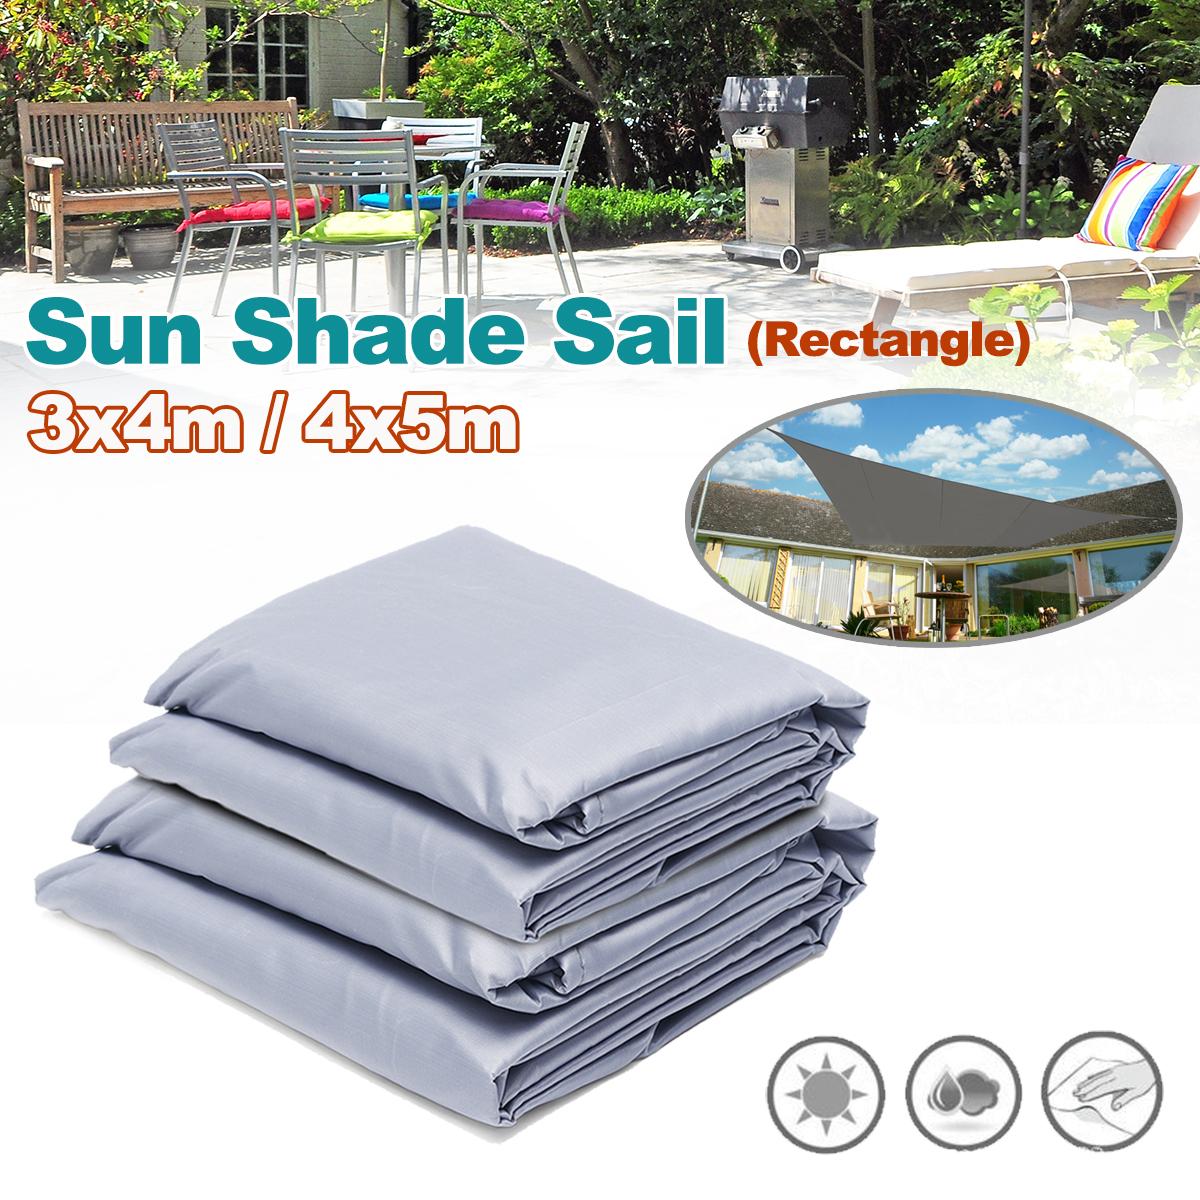 [해외]야외 정원 테이블에 대 한 3 x 4m / 4 x 5m 방수 UV- 저항 가구 직사각형 먼지 커버/3x4m/4x5m Waterproof UV-resistant Furniture Rectangle Dust Cover For Outdoor Garden Table